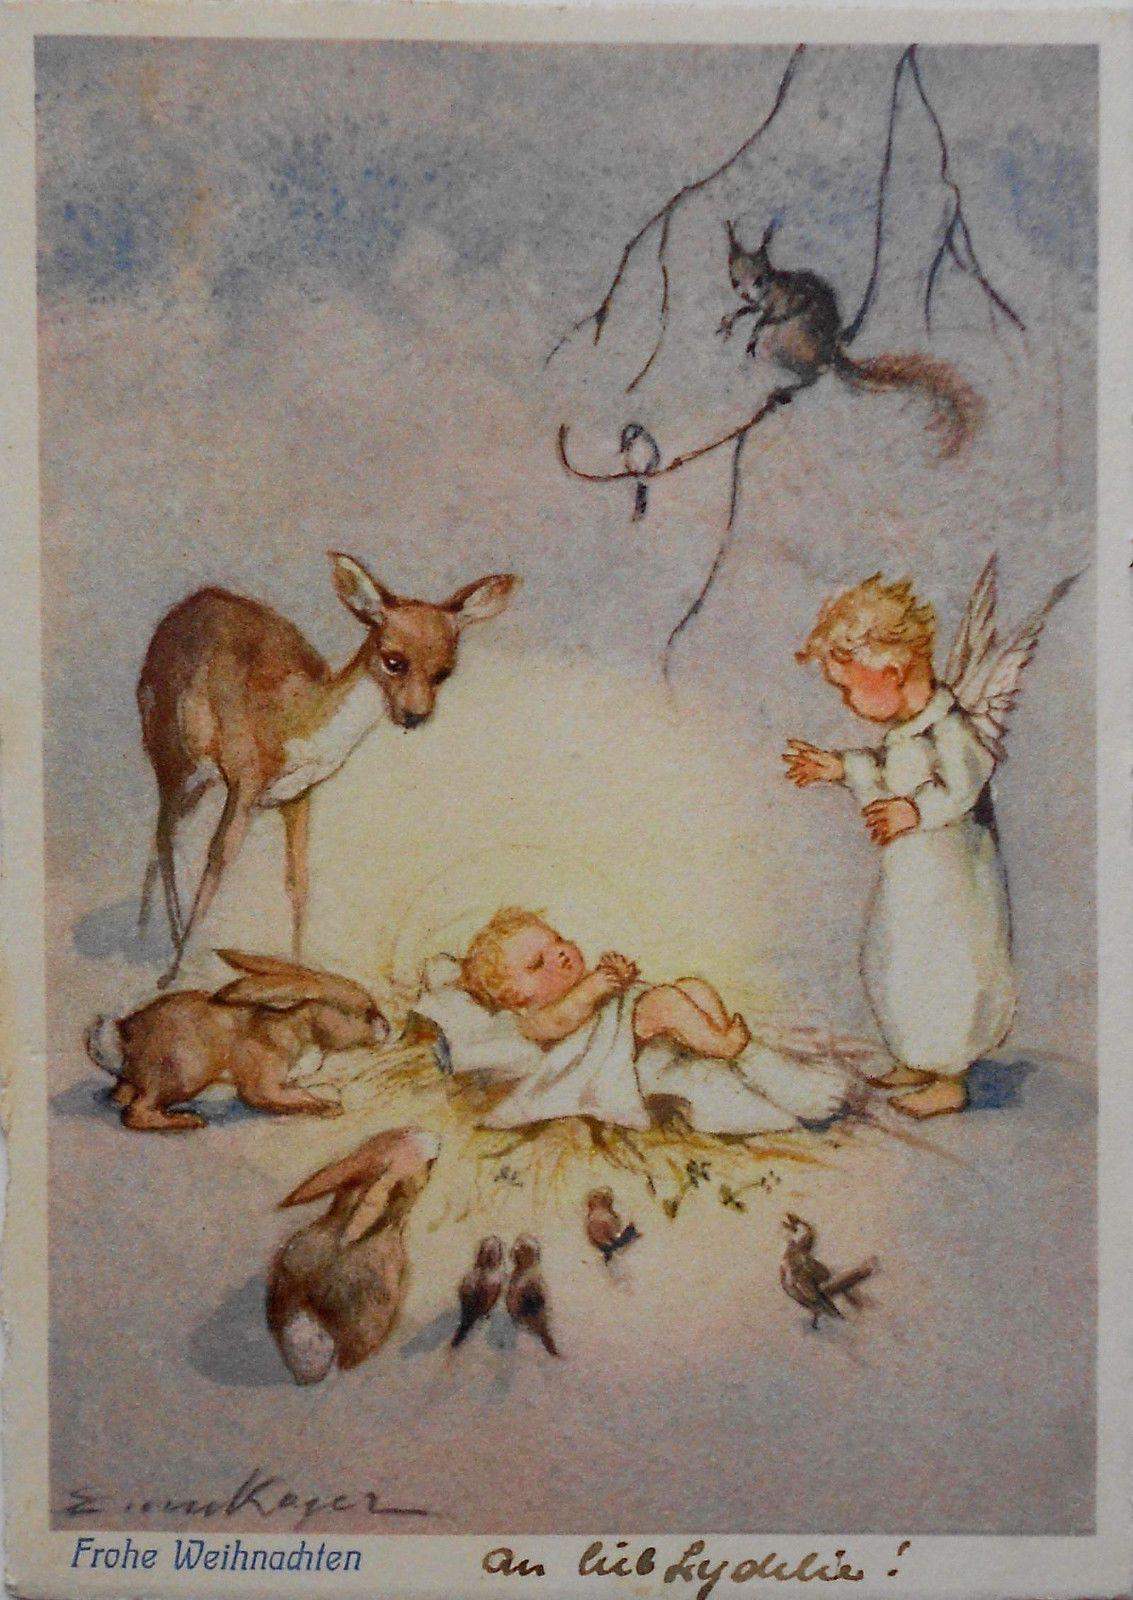 erica von kager engel hasen u reh betrachten schlafendes baby c1940 ebay weihnachts. Black Bedroom Furniture Sets. Home Design Ideas